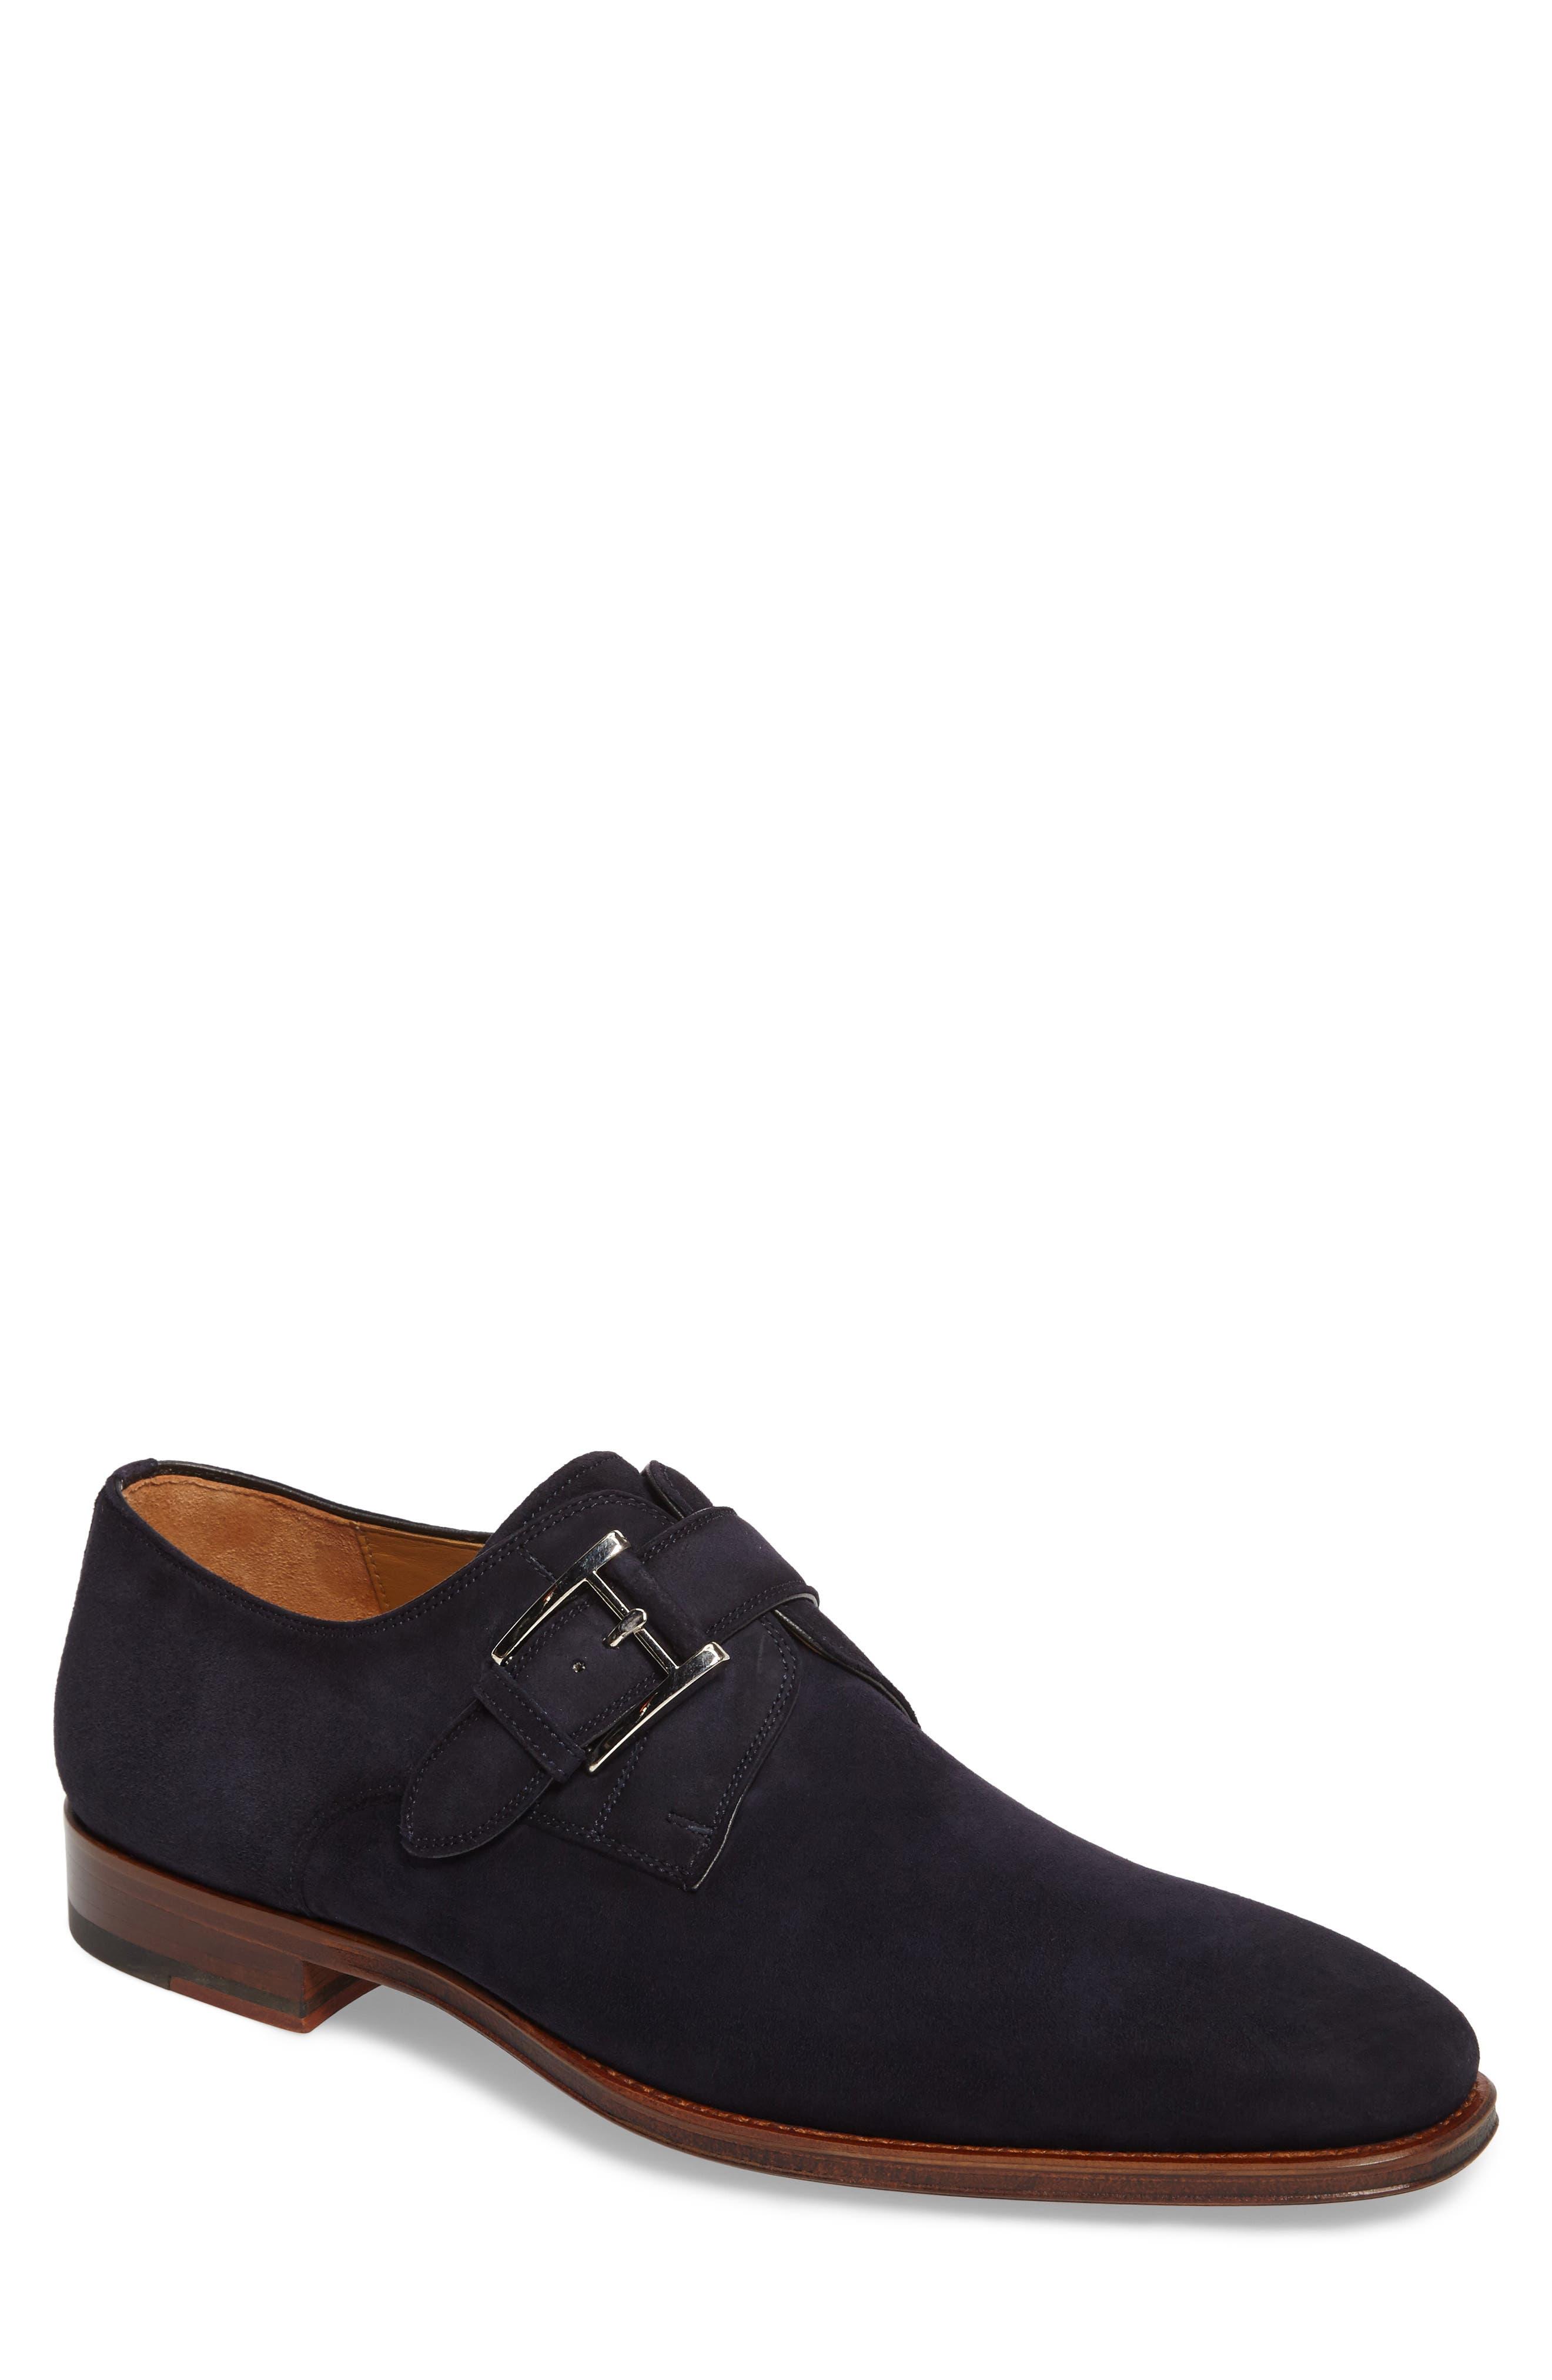 Magnanni Enrique Monk Strap Shoe (Men)